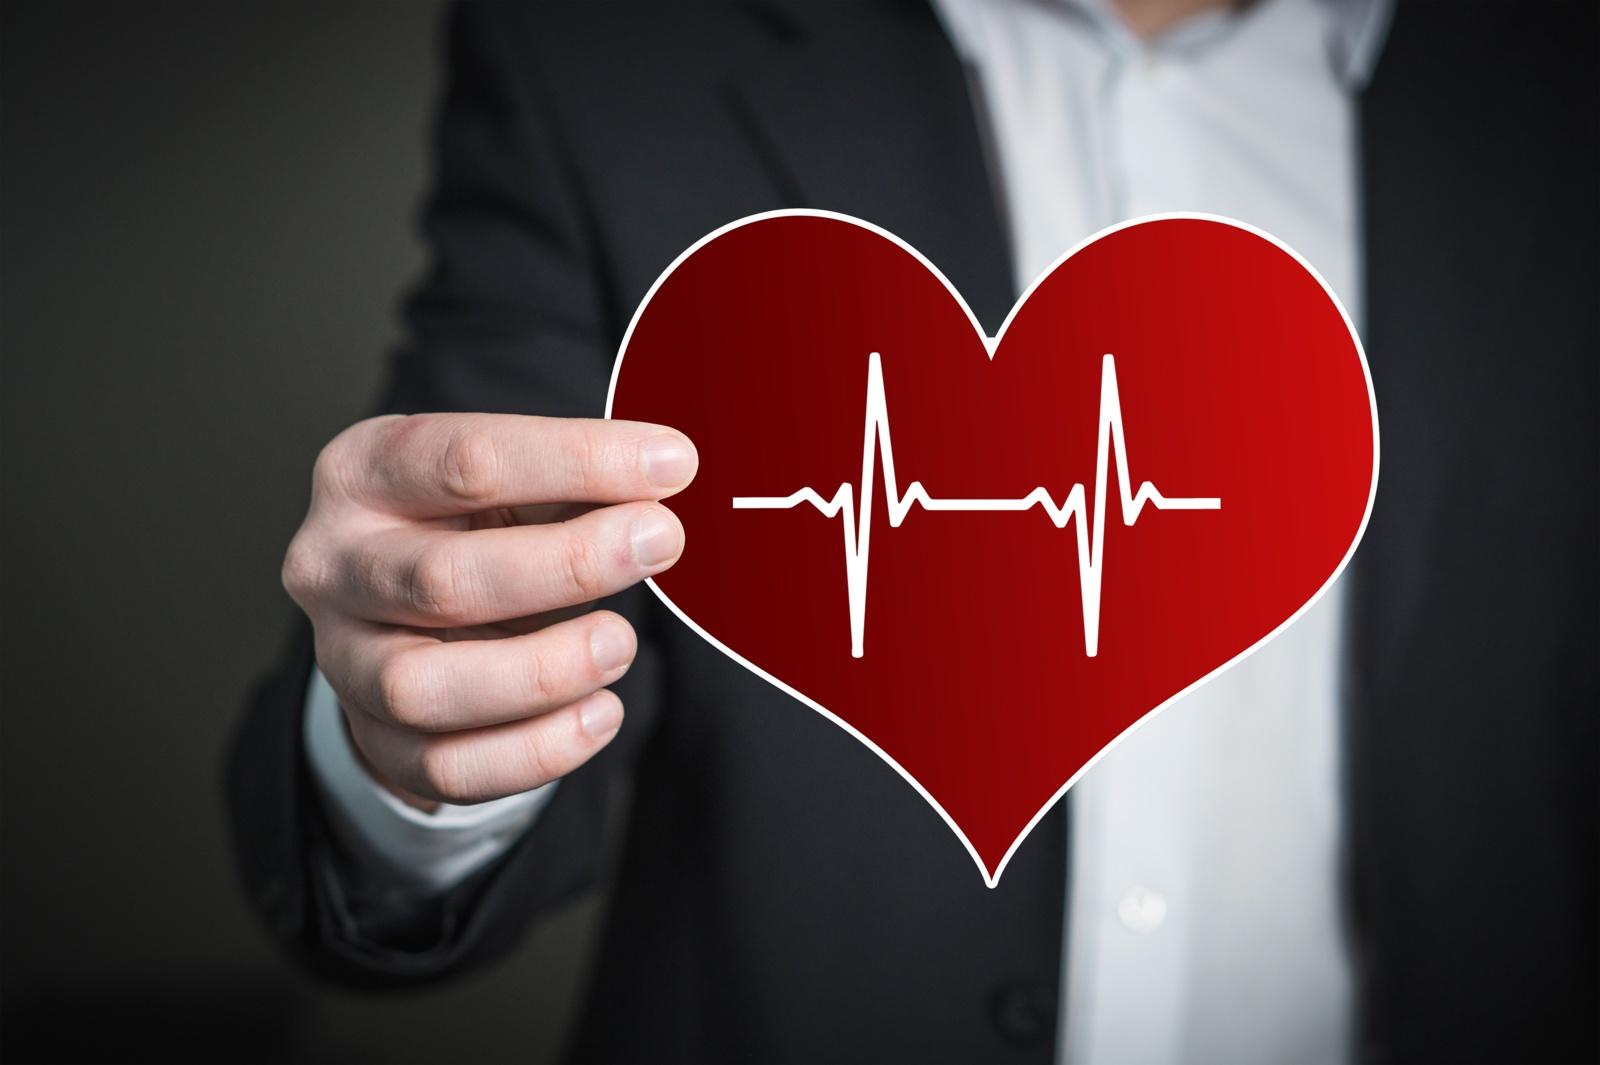 hipertenzija, kaip jūs galite išgydyti hipertenzija ir akupunktūros taškai